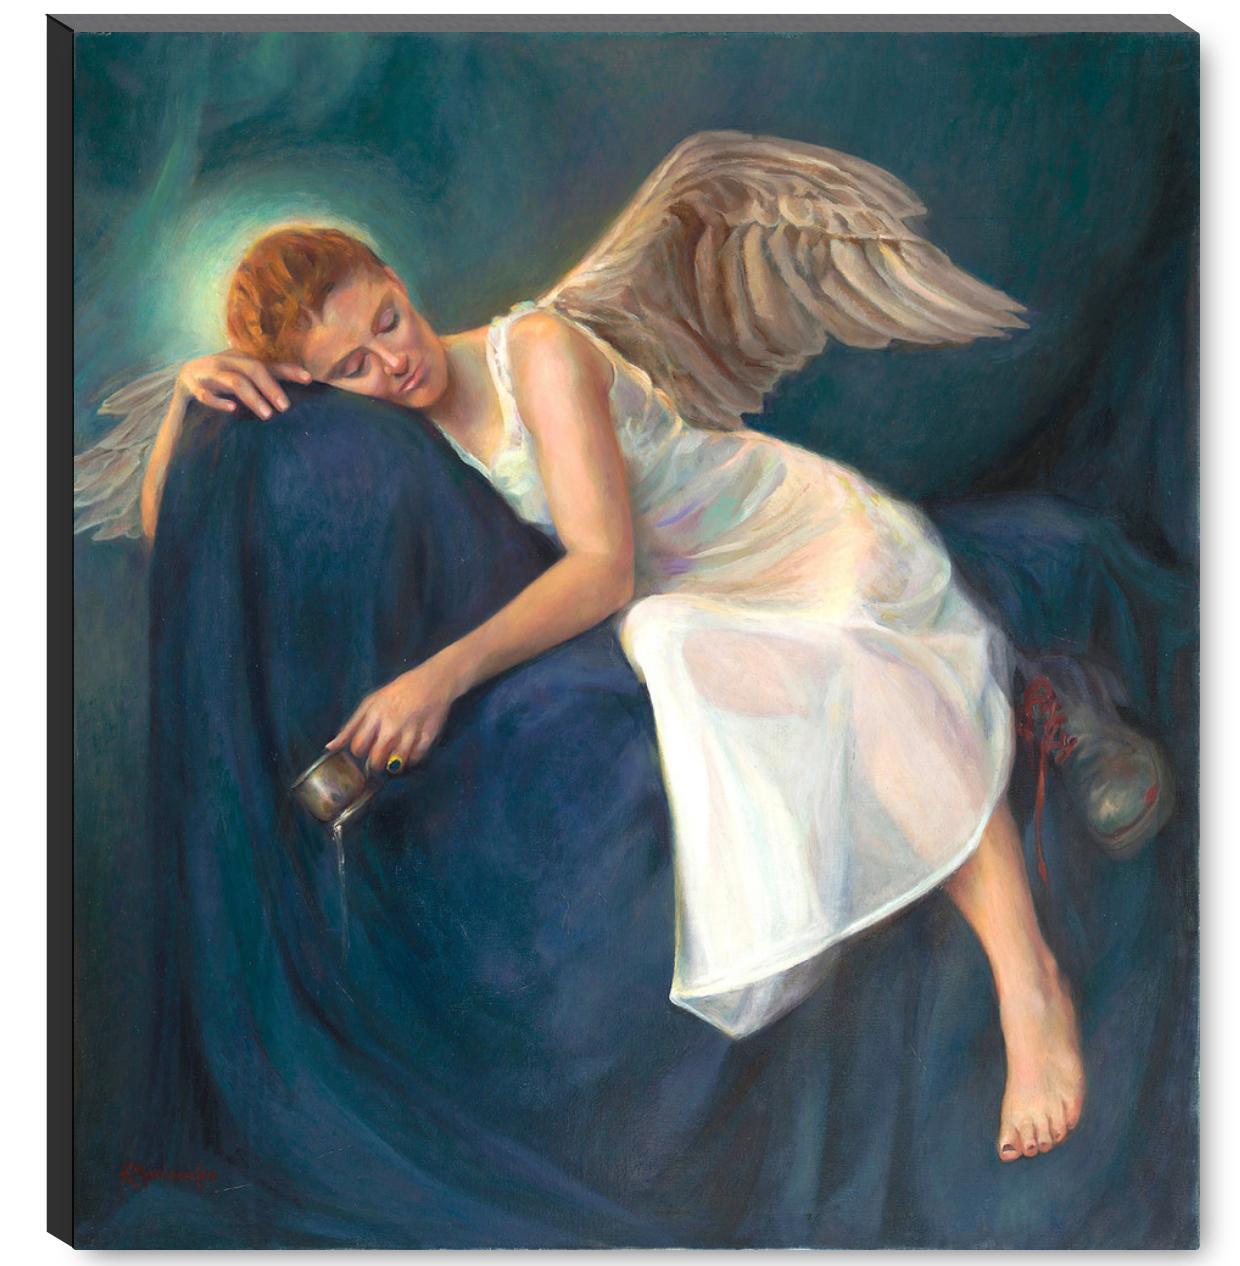 Angelsoldierscanvas ulliht